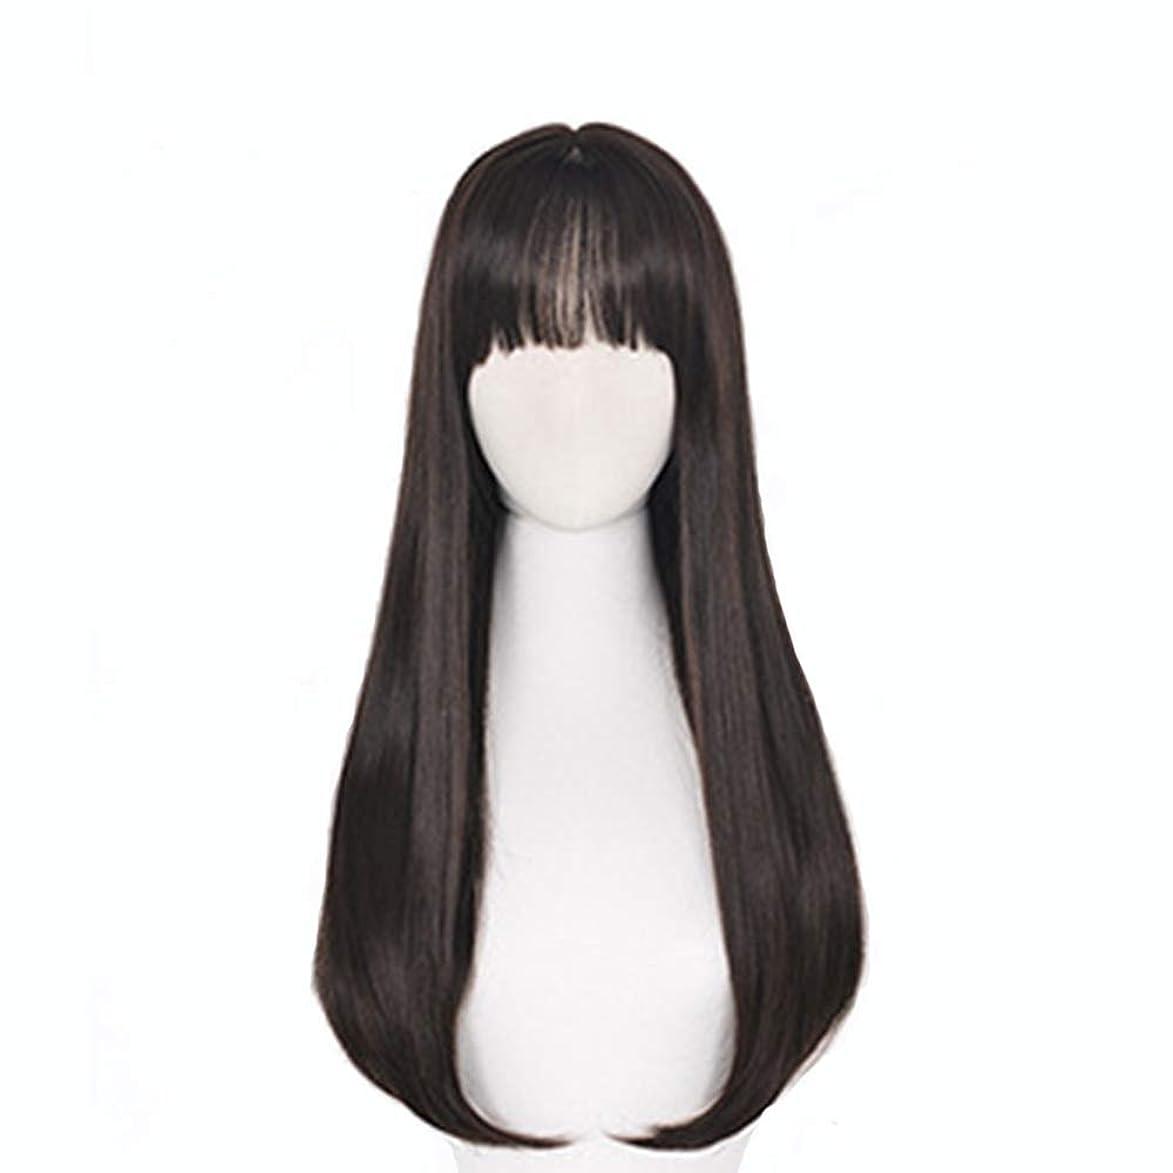 風刺攻撃的テーブルを設定する女性のかつら、ファッションナチュラルブラックストレートカーリーヘアビッグウェーブ耐熱高温シルクウィッグ、コスプレウィッグ